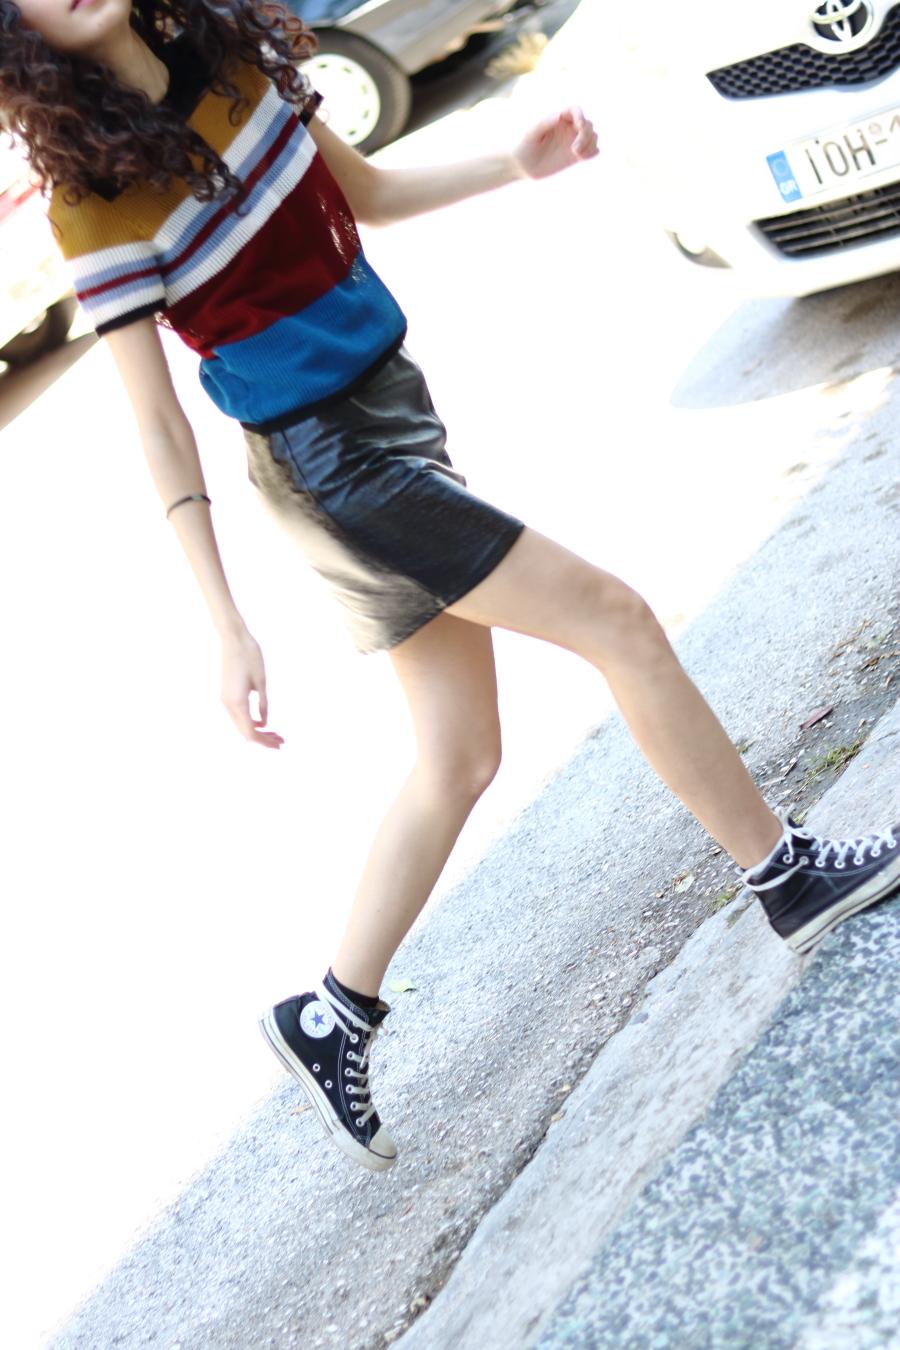 vinyl skirt for summer   bare legs   confidence boost   www.theblushfulhippocrene.blogspot.com  